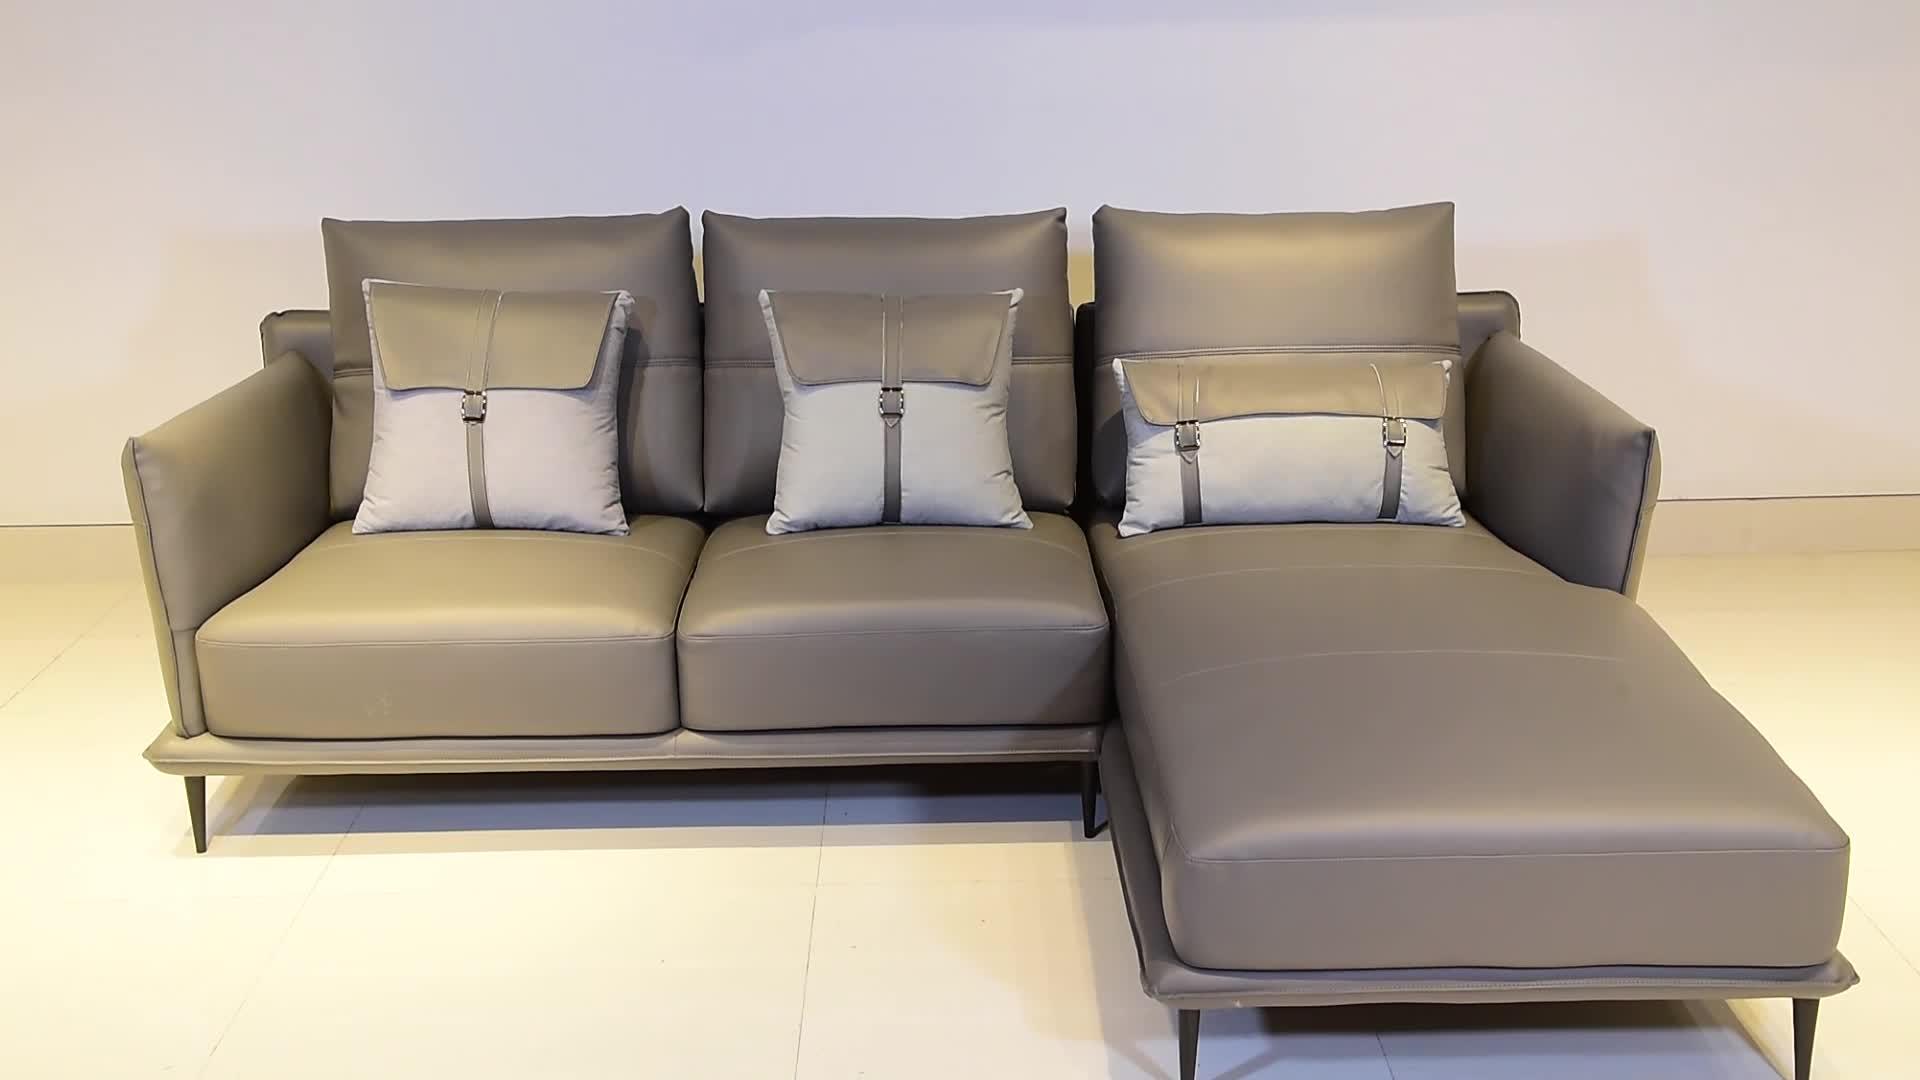 Casa de lujo sofá de la sala de sofá salón moderno sofá de cuero sofá de la Sala